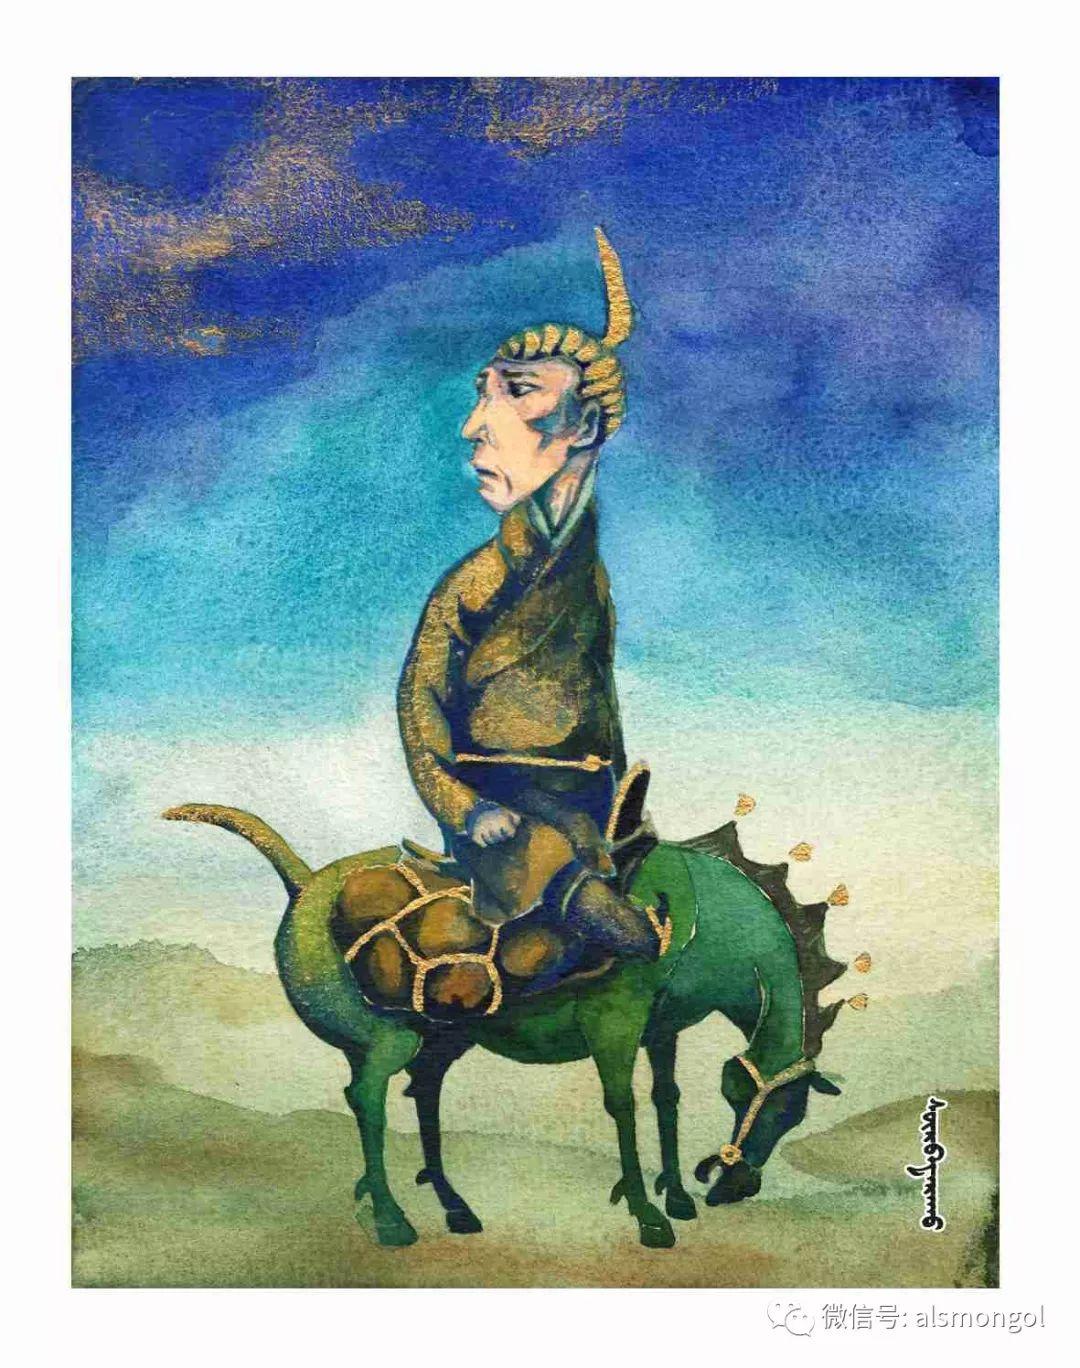 【智慧蒙古】人美画更美,年轻画家海乐和她的绘画作品! 第42张 【智慧蒙古】人美画更美,年轻画家海乐和她的绘画作品! 蒙古画廊